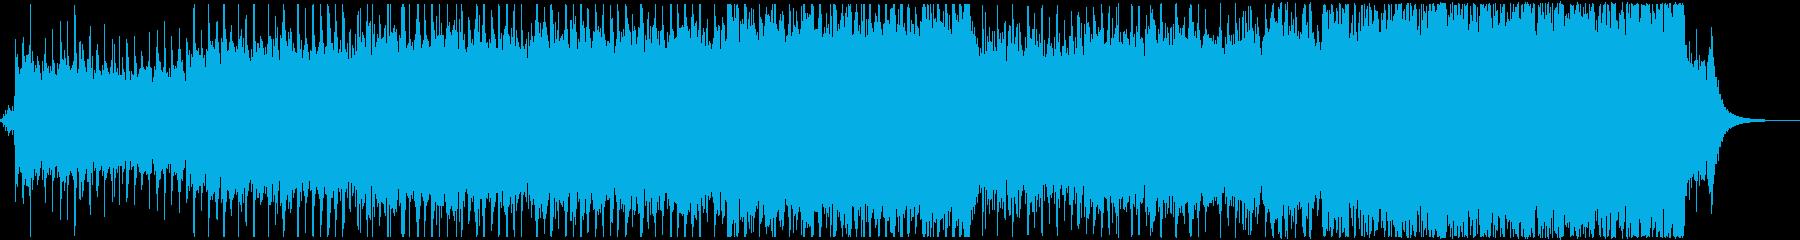 優しく華やかなクリスマスBGMの再生済みの波形